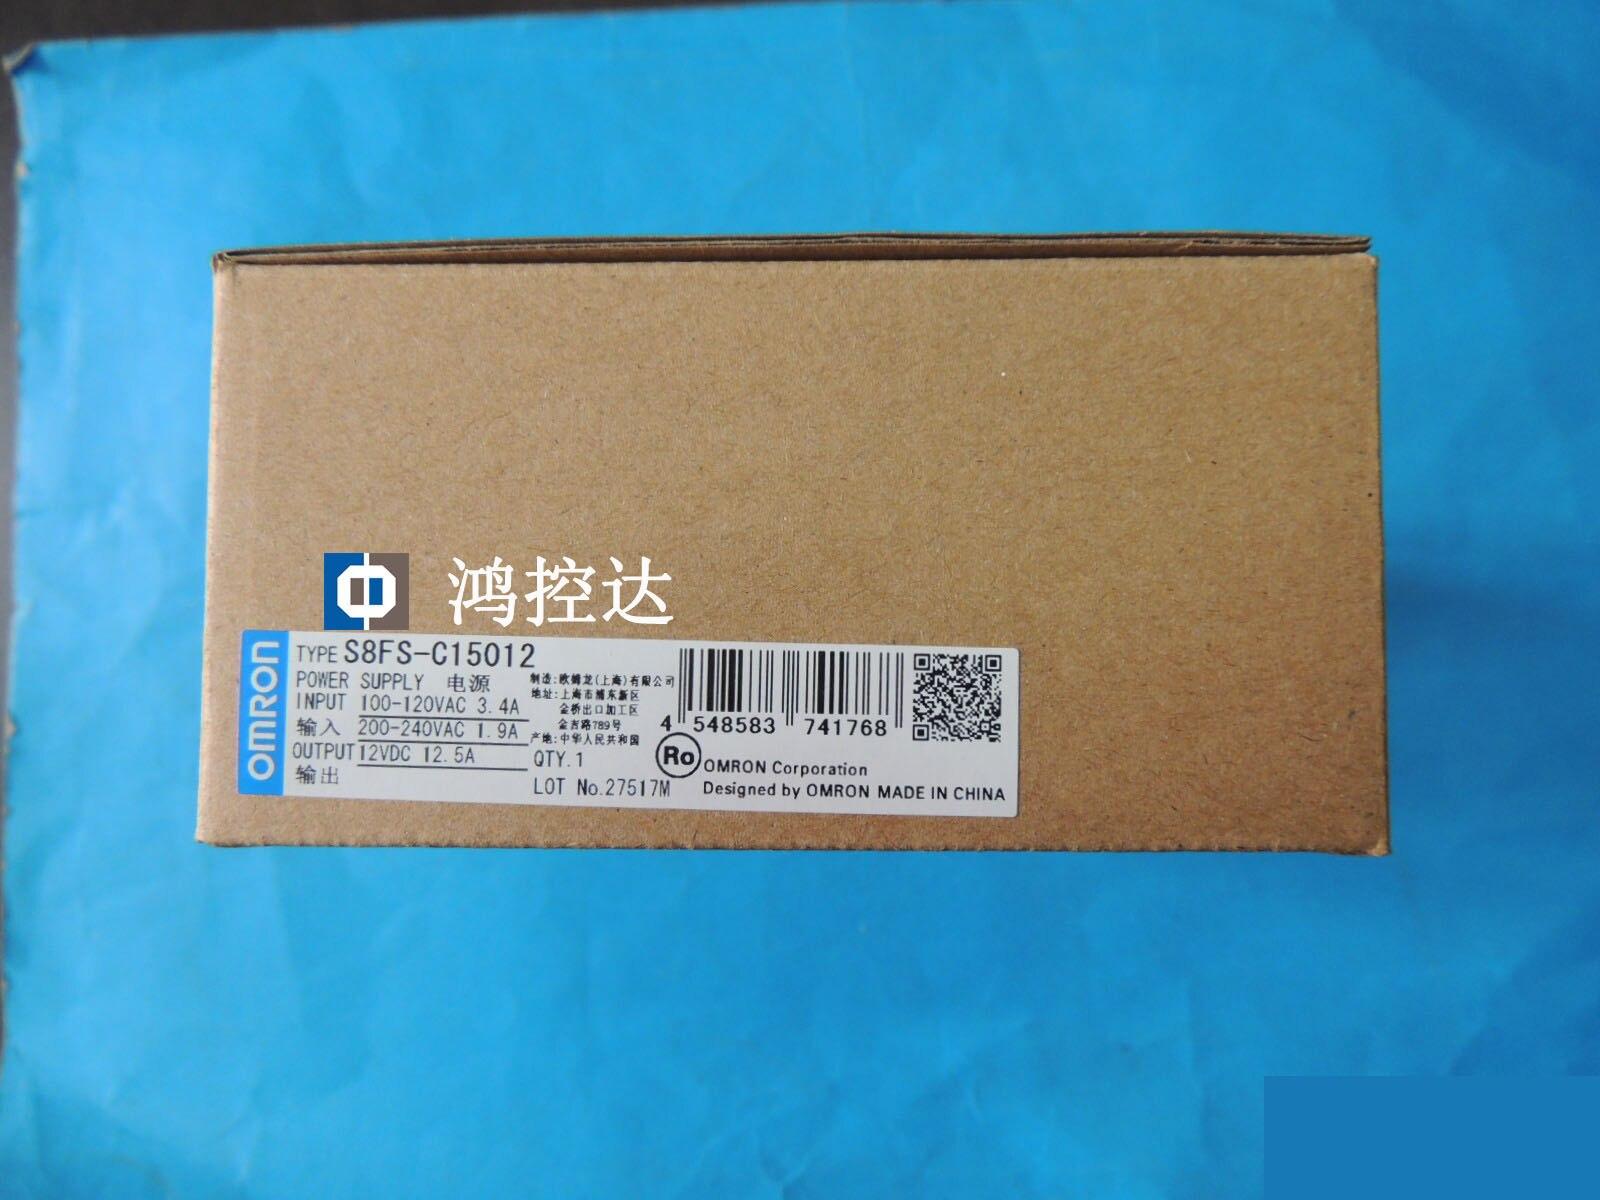 New Original Switching Power Supply S8FS-C15012